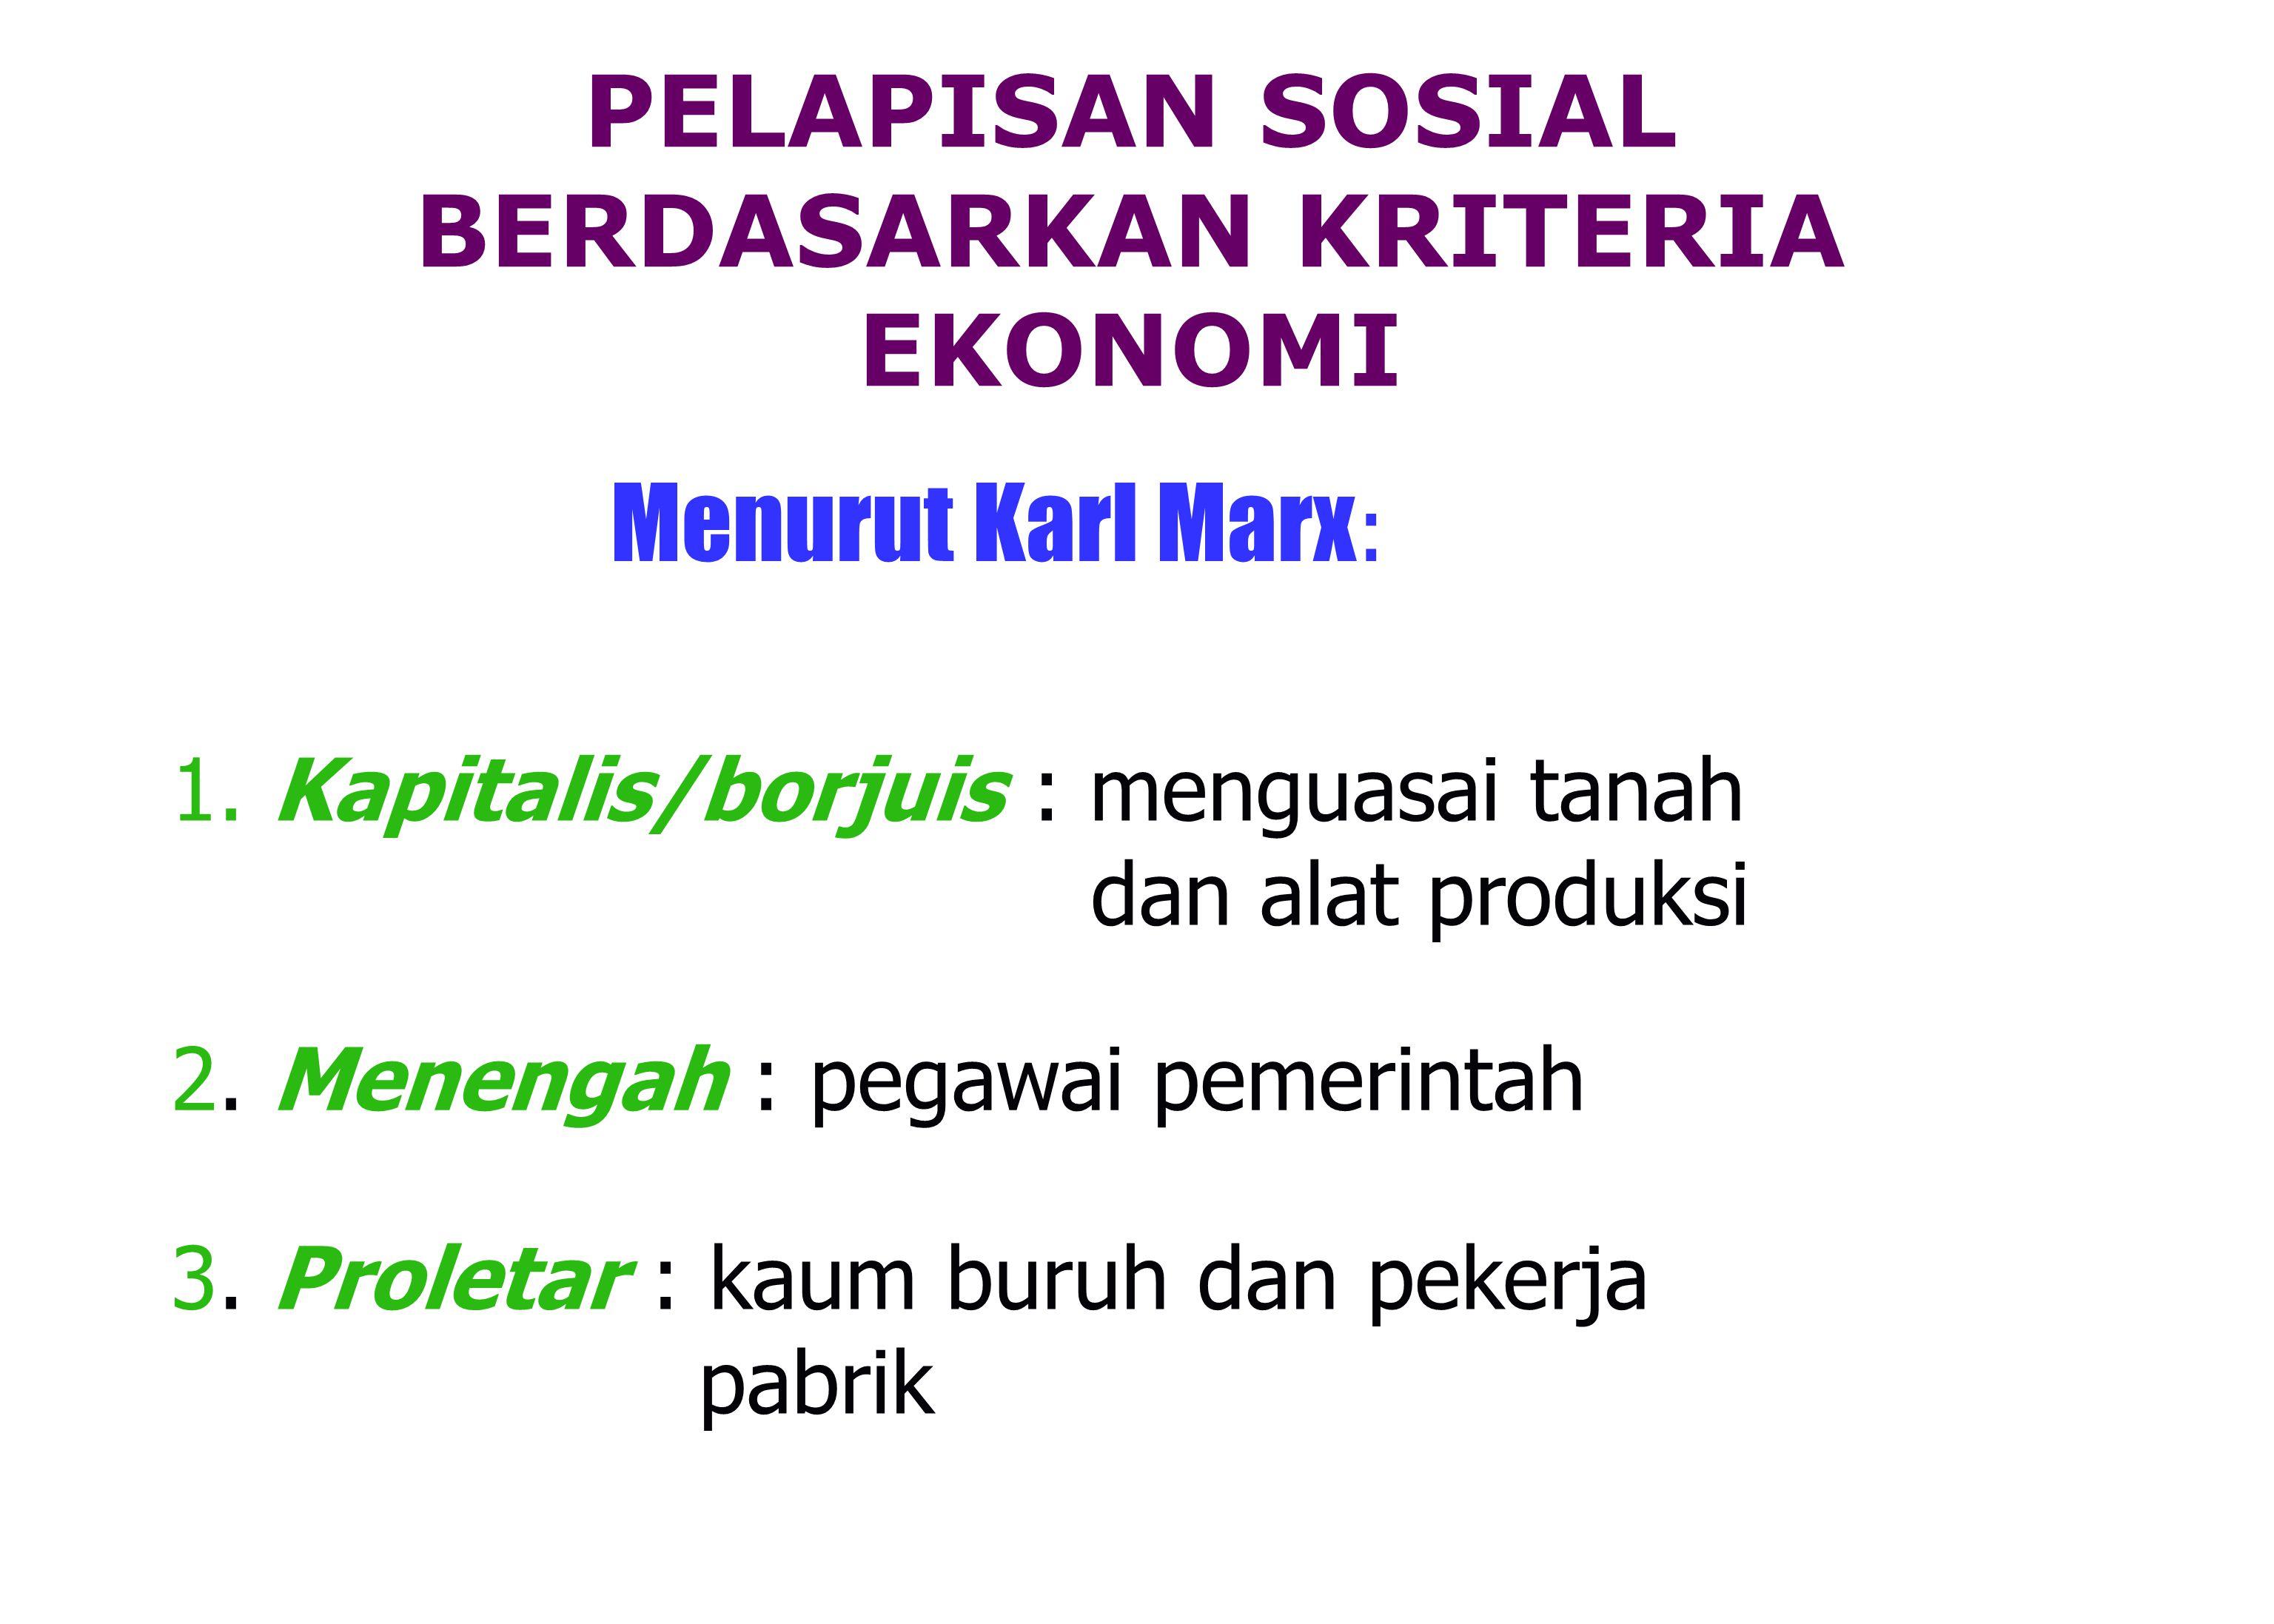 Menurut Karl Marx : 1.Kapitalis/borjuis : menguasai tanah dan alat produksi 2.